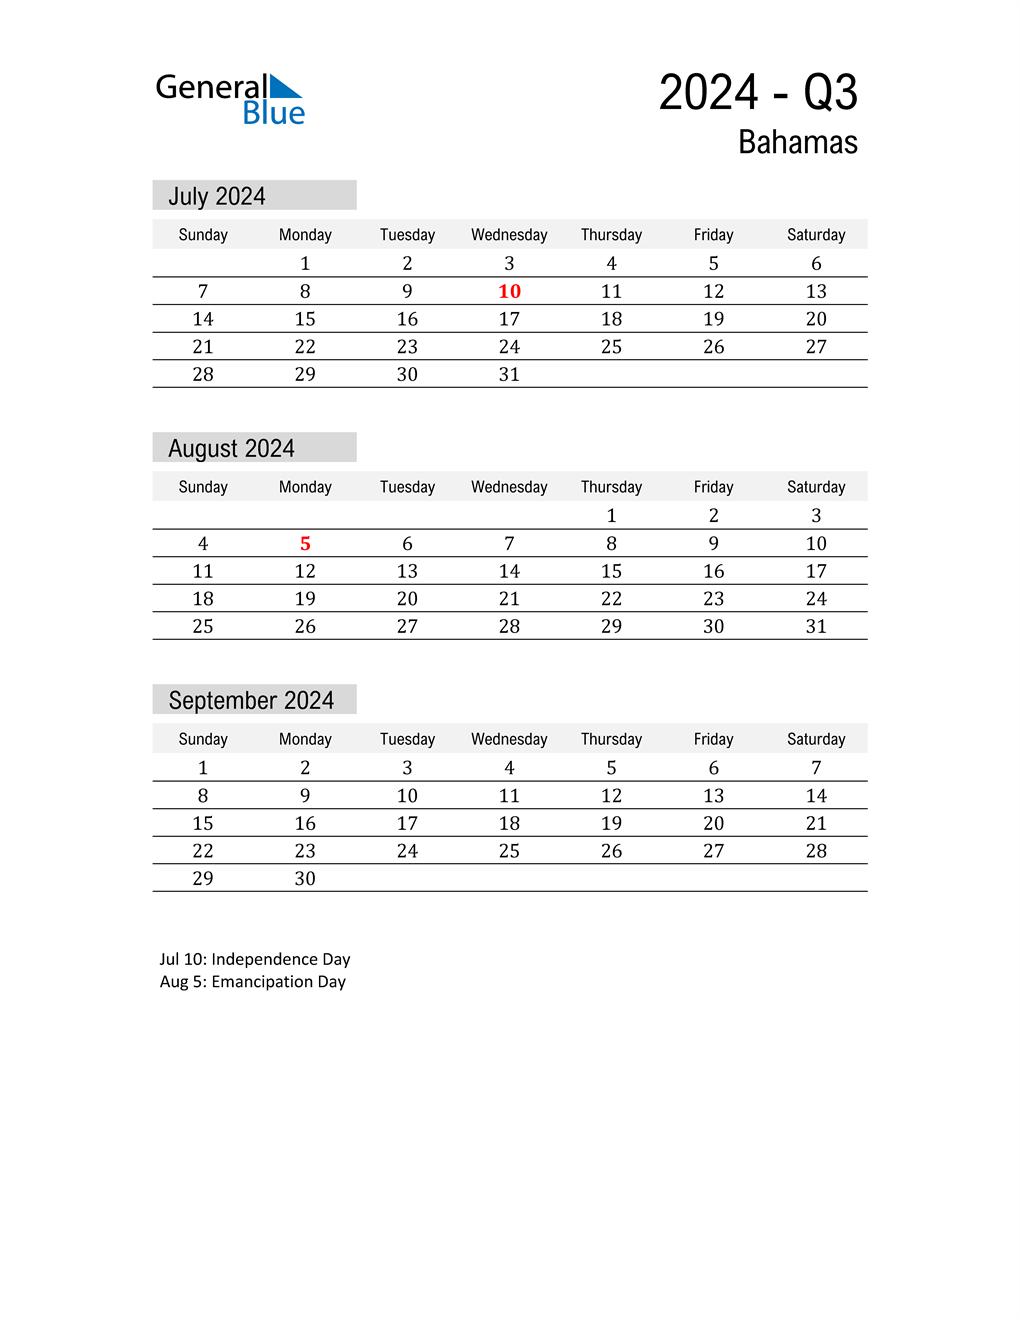 Bahamas Quarter 3 2024 Calendar